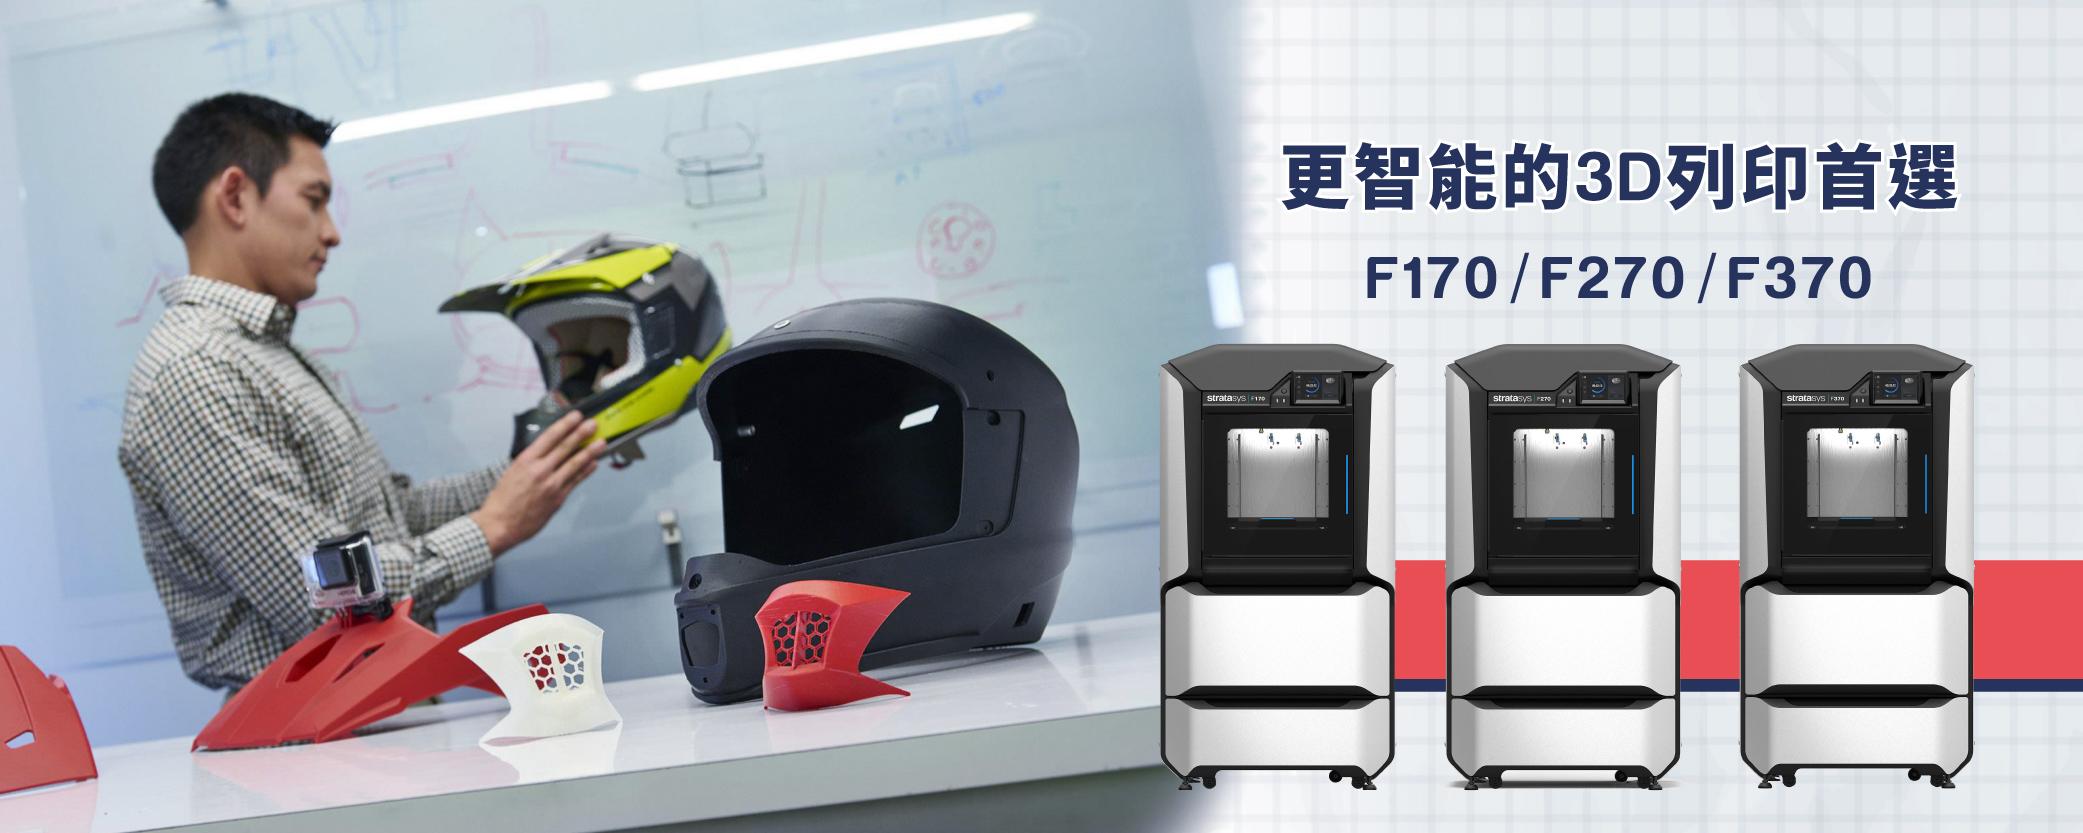 3D列印首選